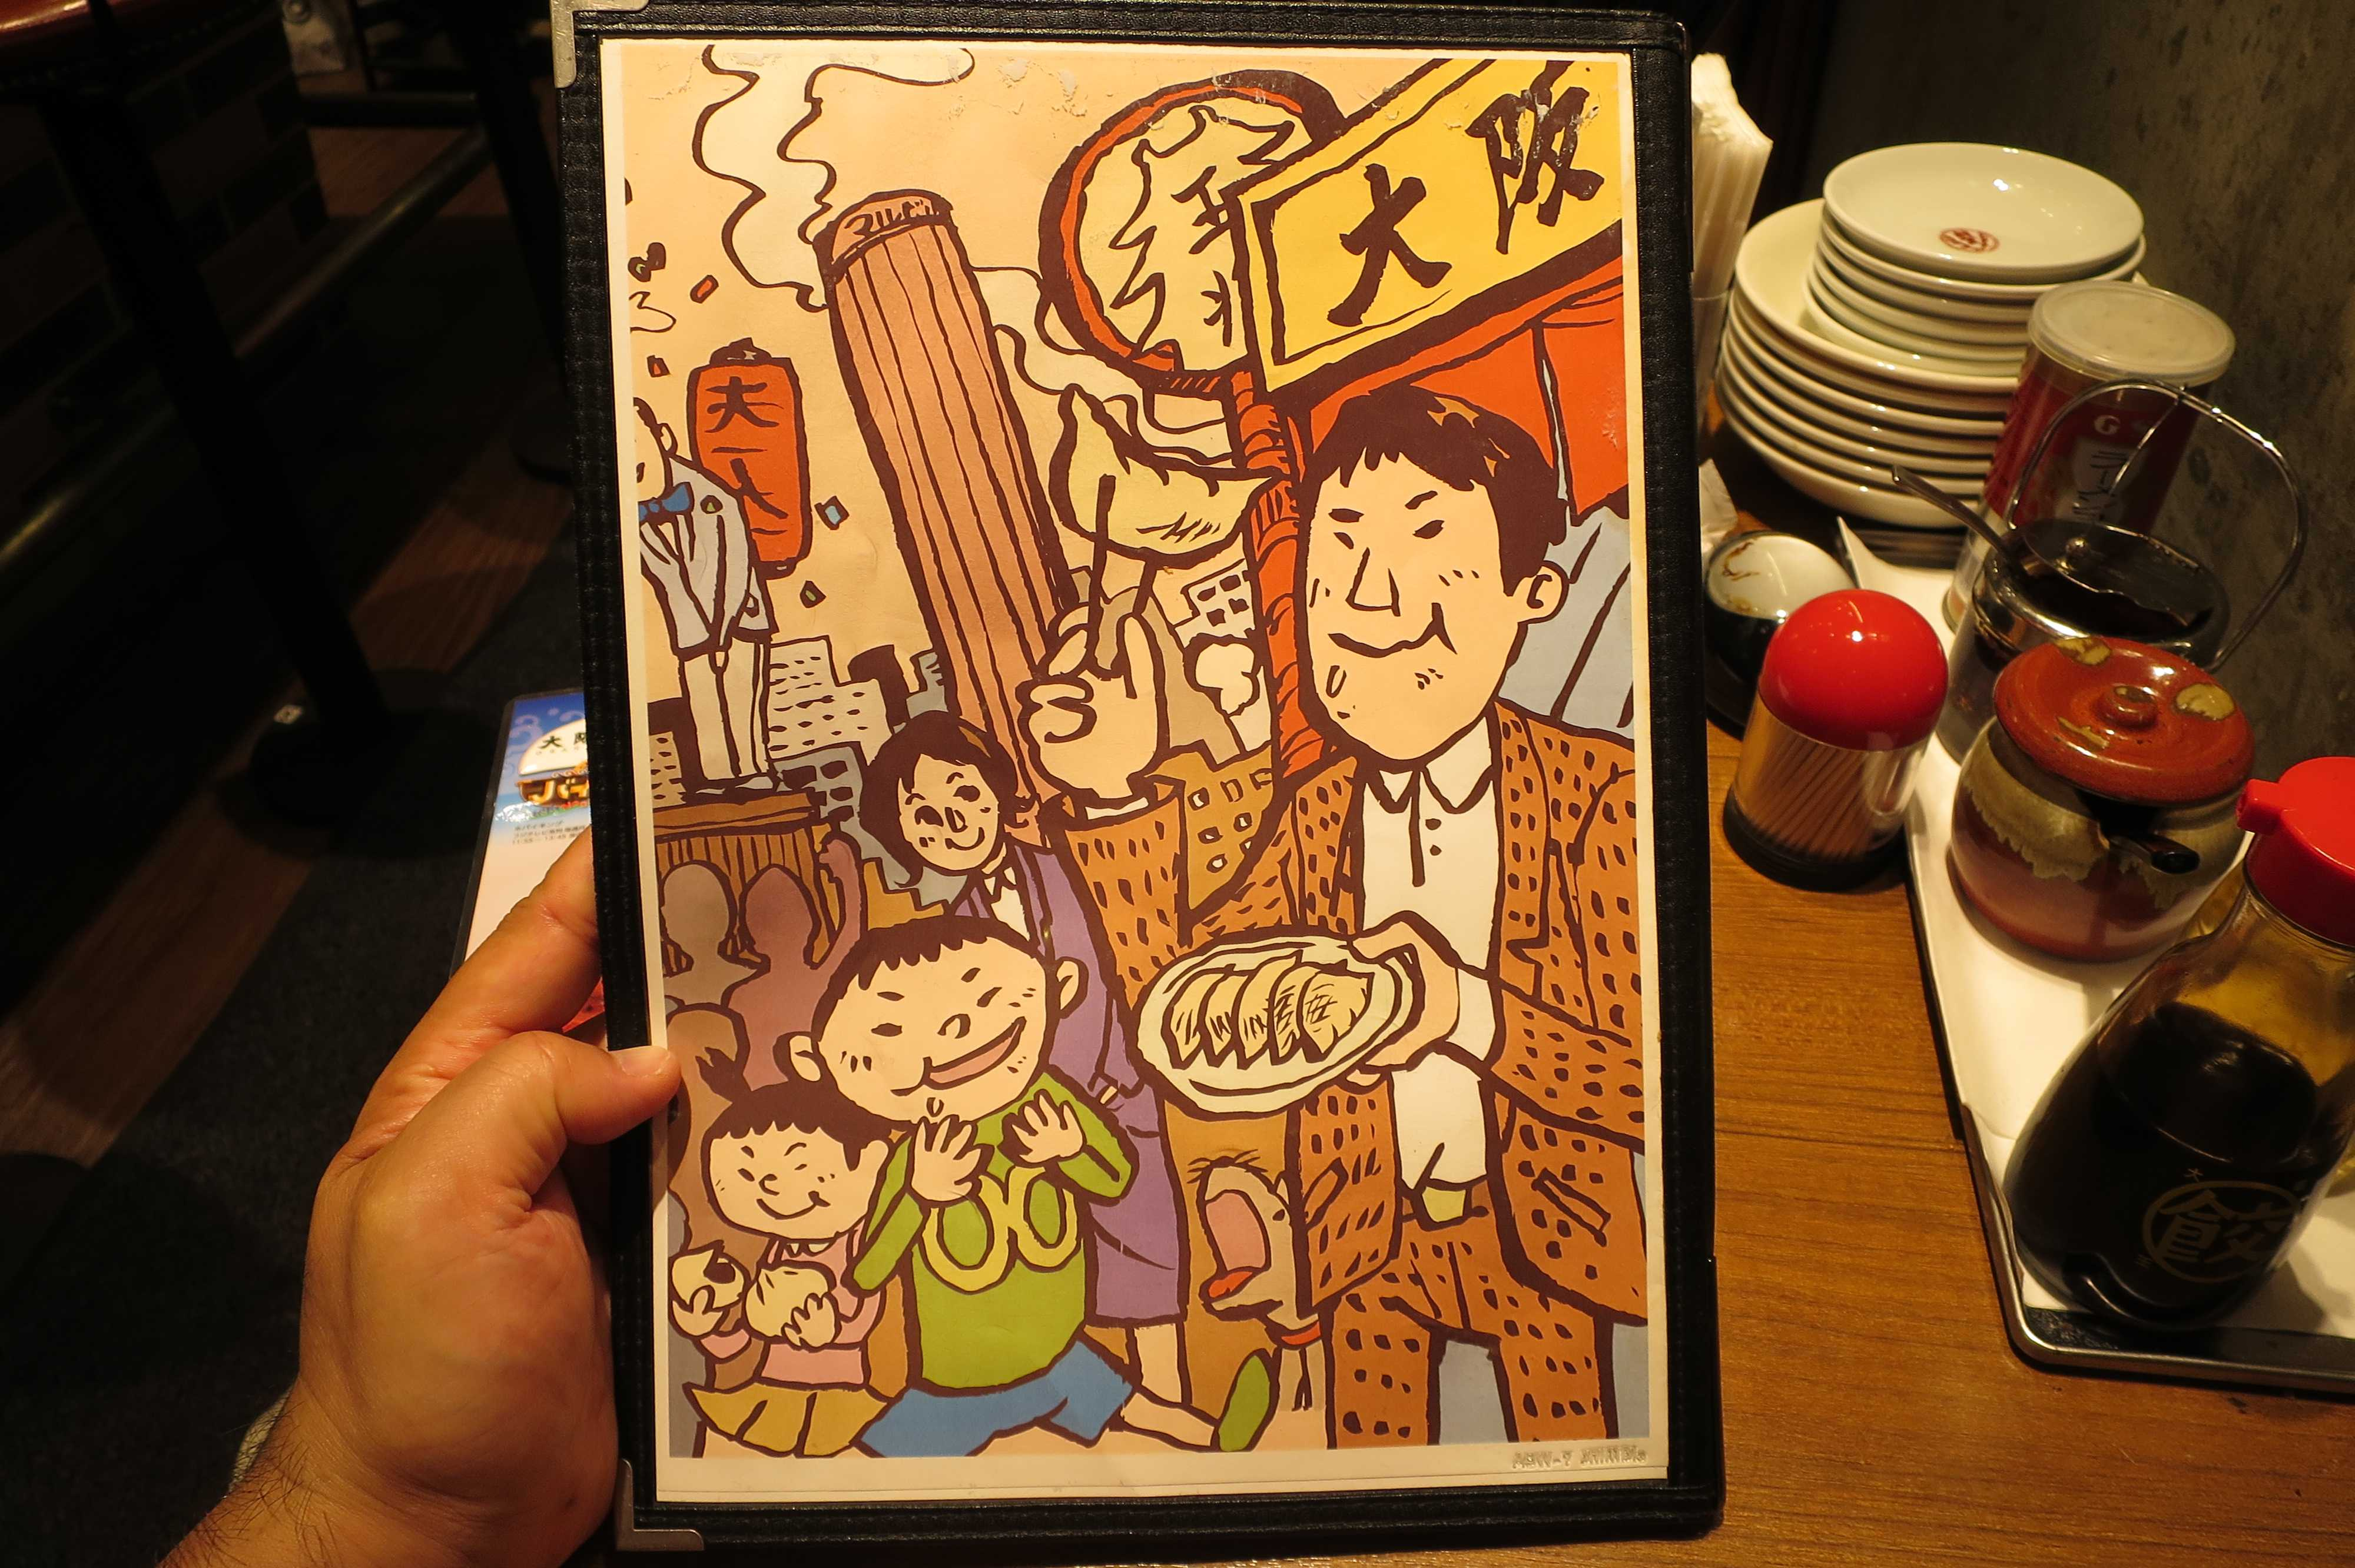 「大阪王将」のメニューの裏表紙のイラスト